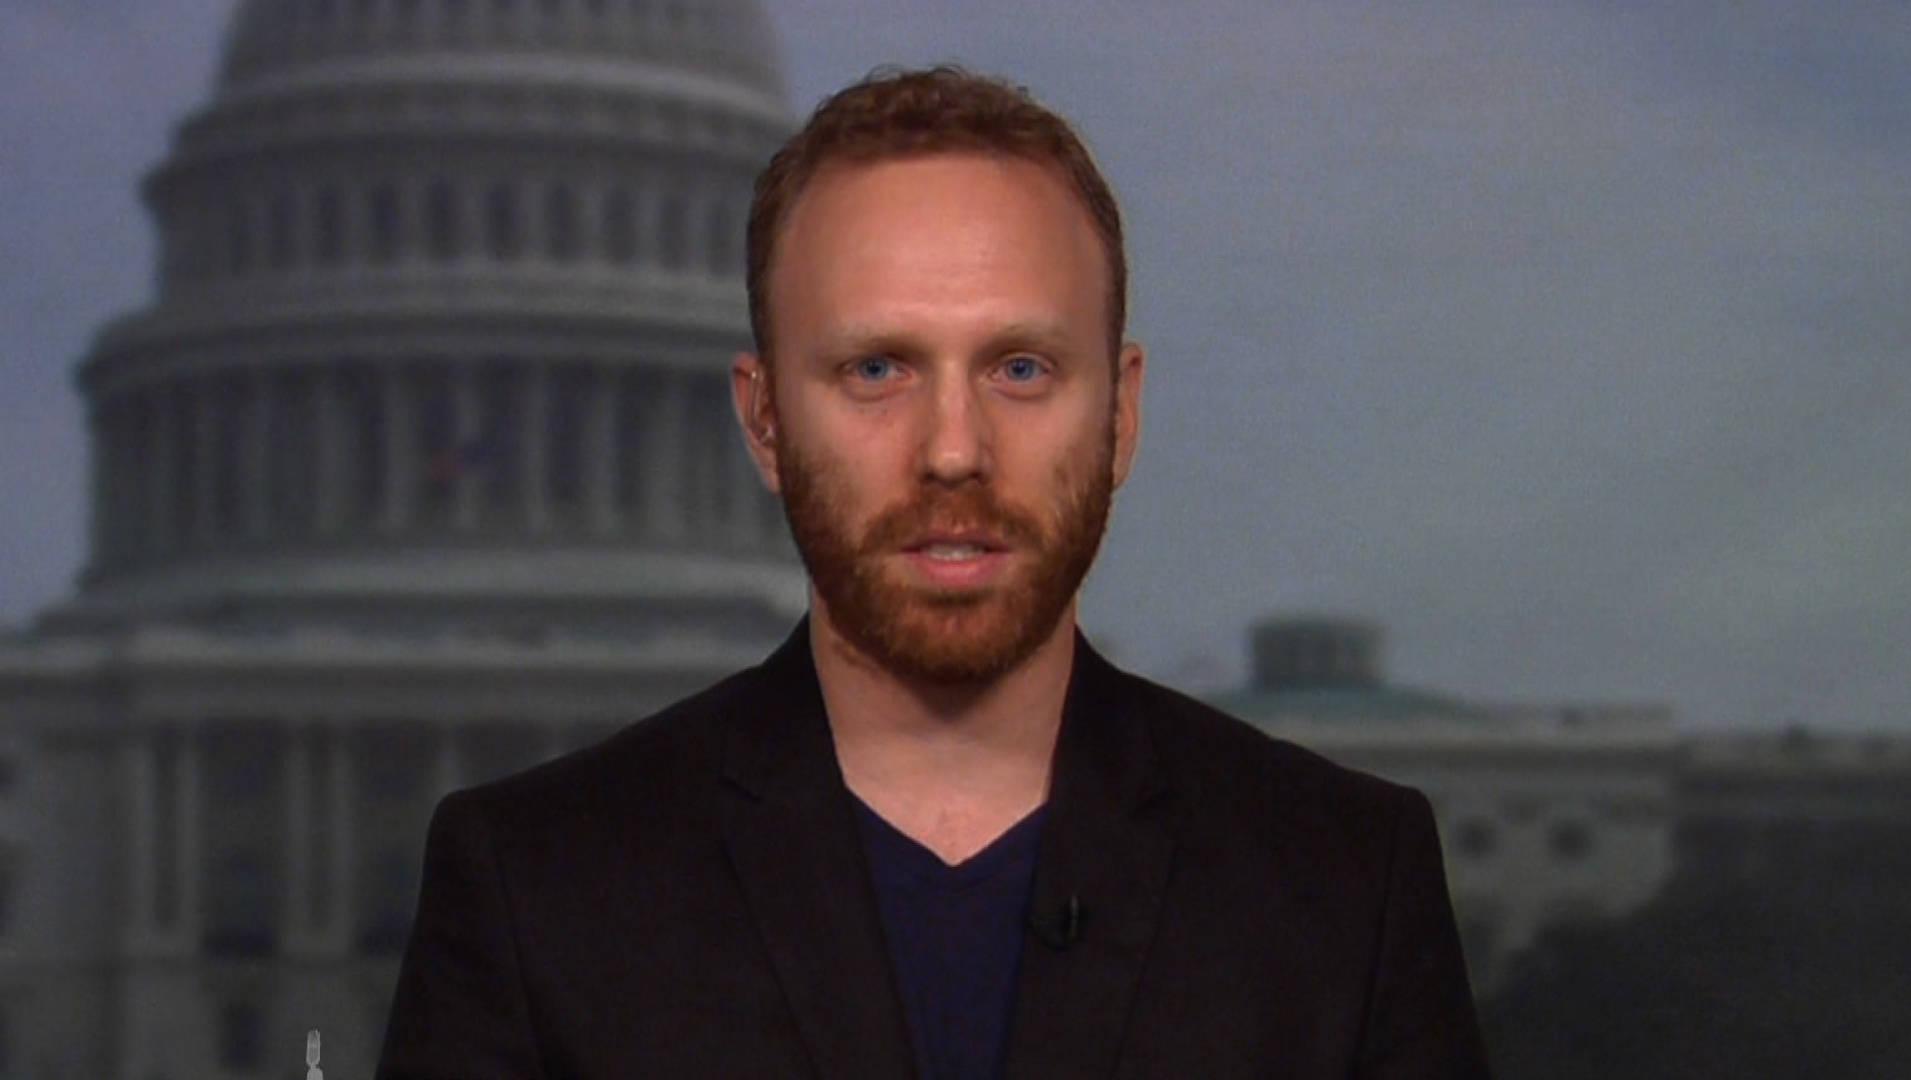 Detienen al periodista Max Blumenthal por develar violencia de la derecha durante asedio a embajada venezolana en Washington